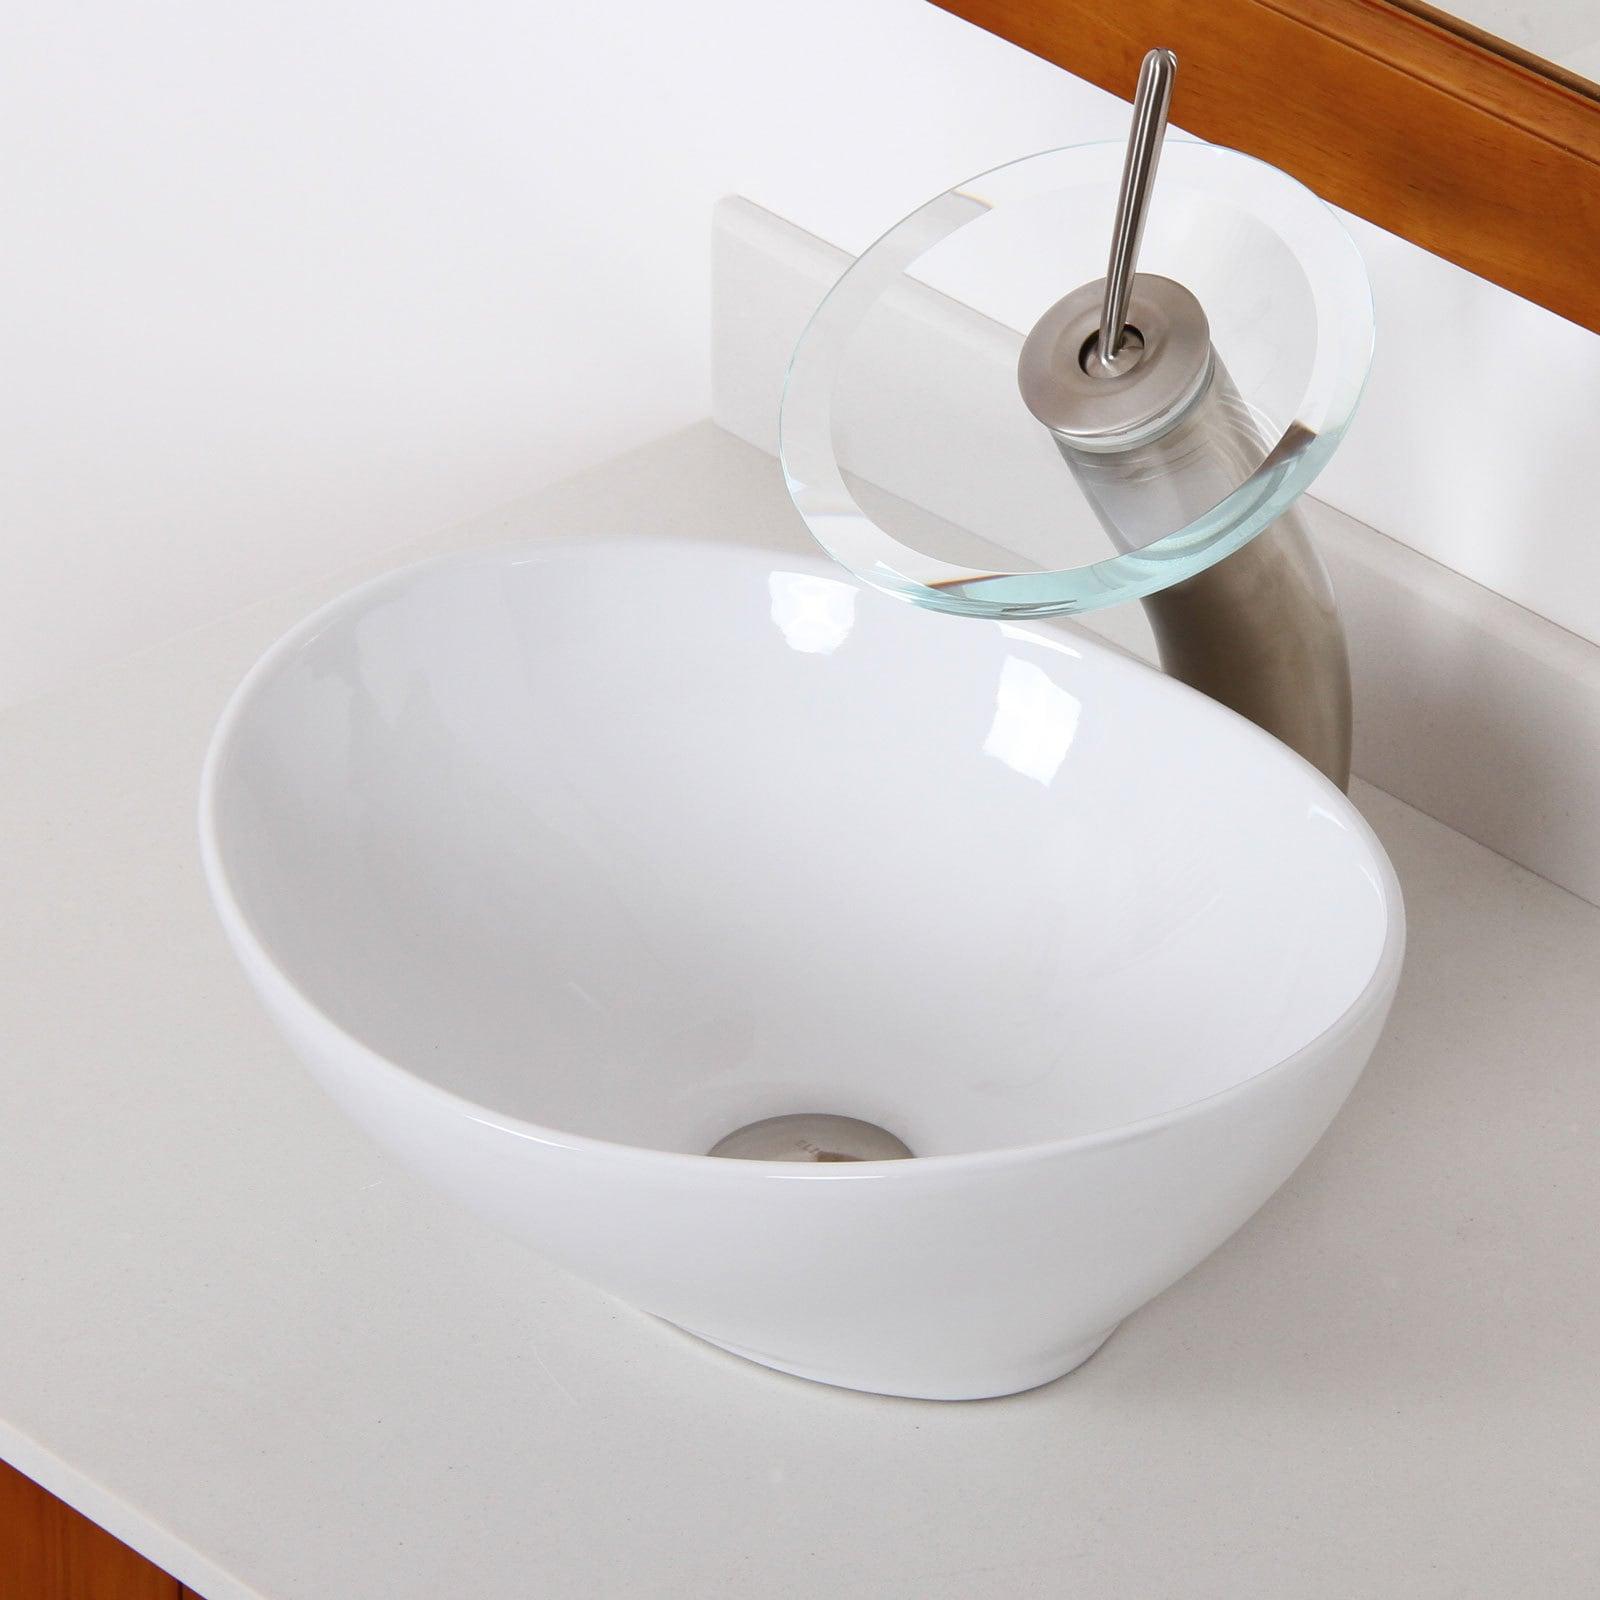 Elite F22TBN Brushed Nickel Bathroom Sink Waterfall Faucet - Free ...